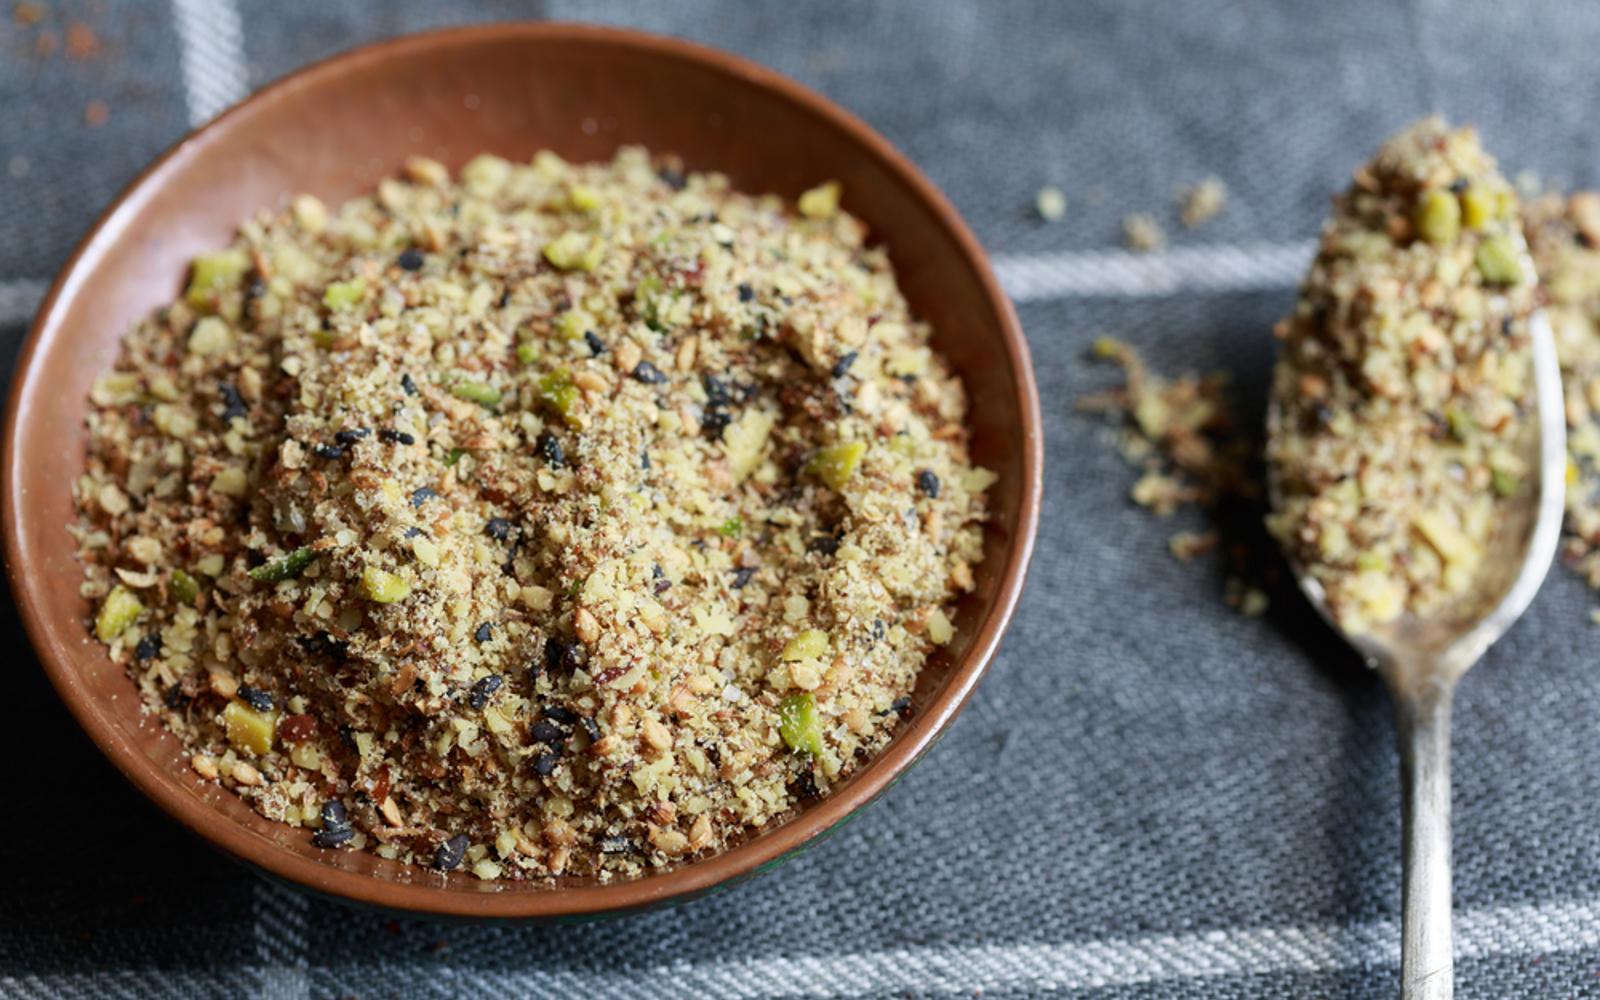 how to use dukkah seasoning